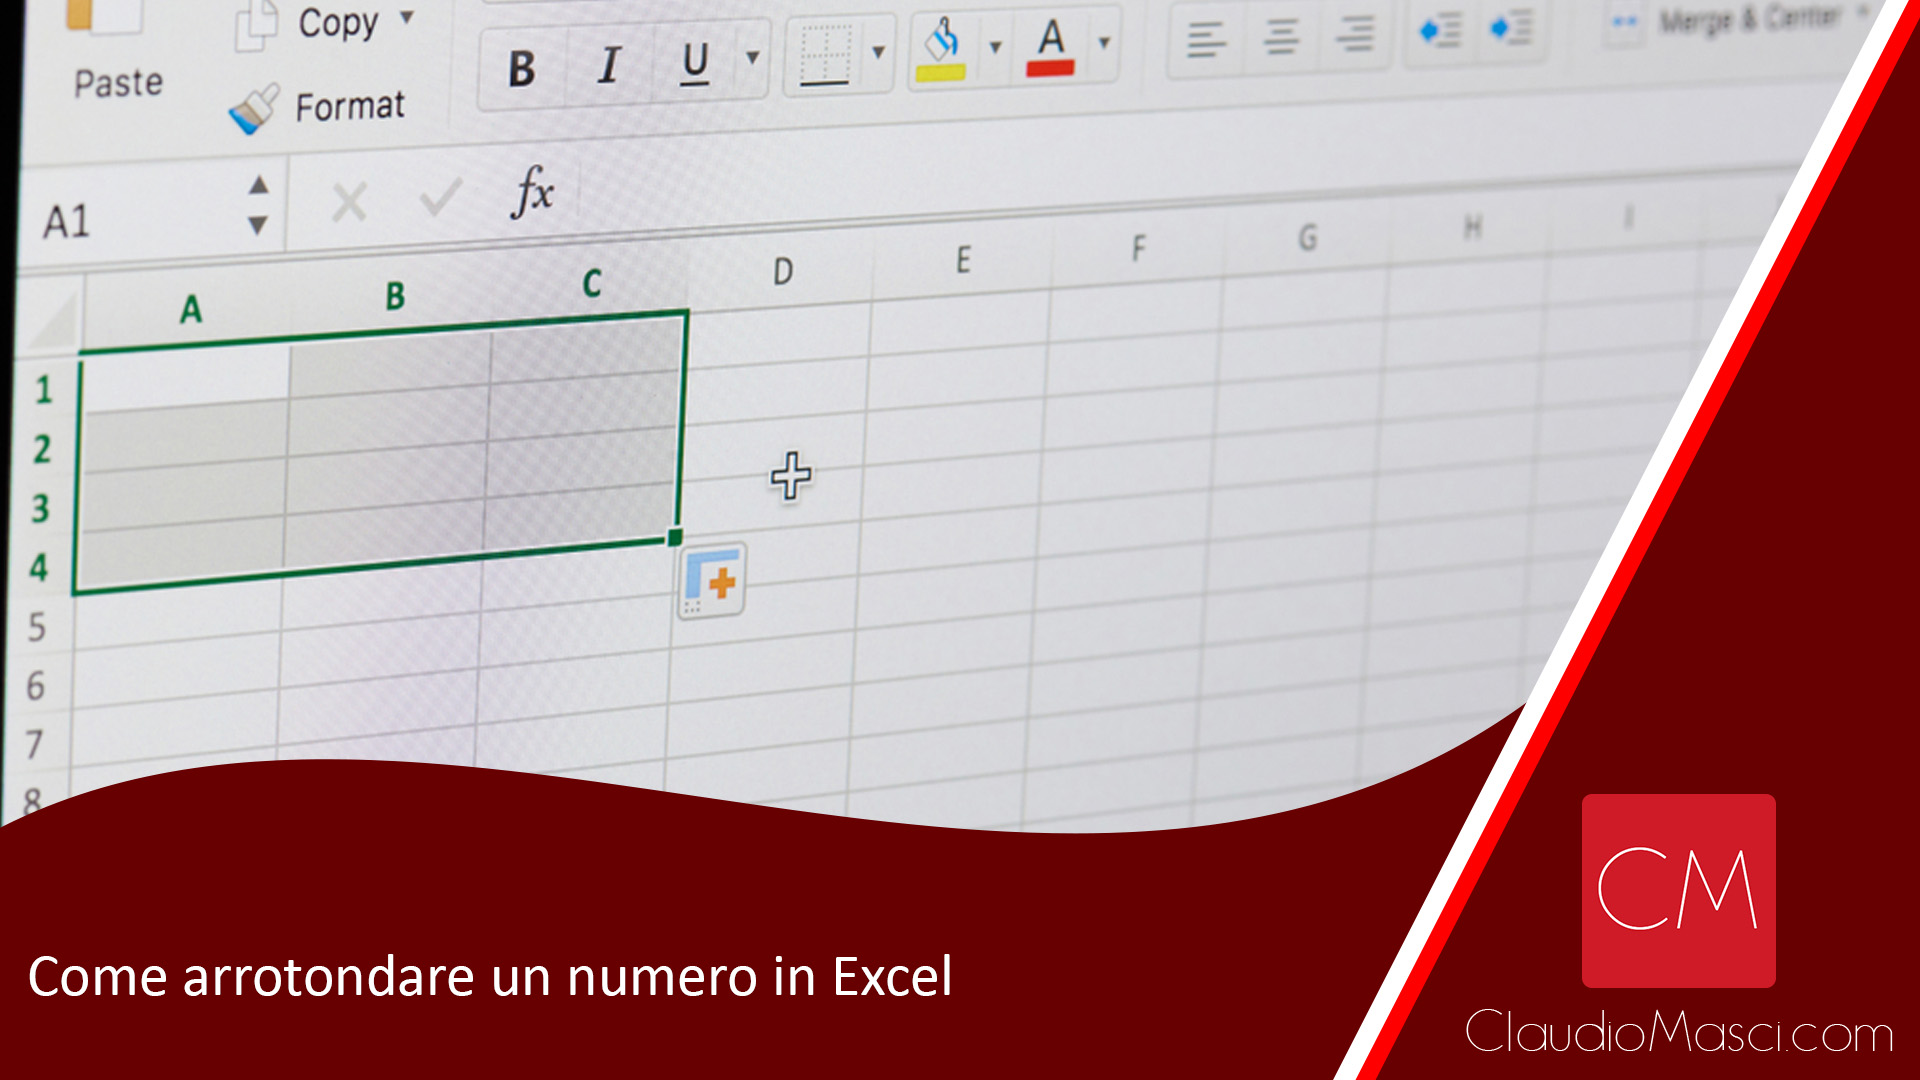 Come arrotondare un numero in Excel